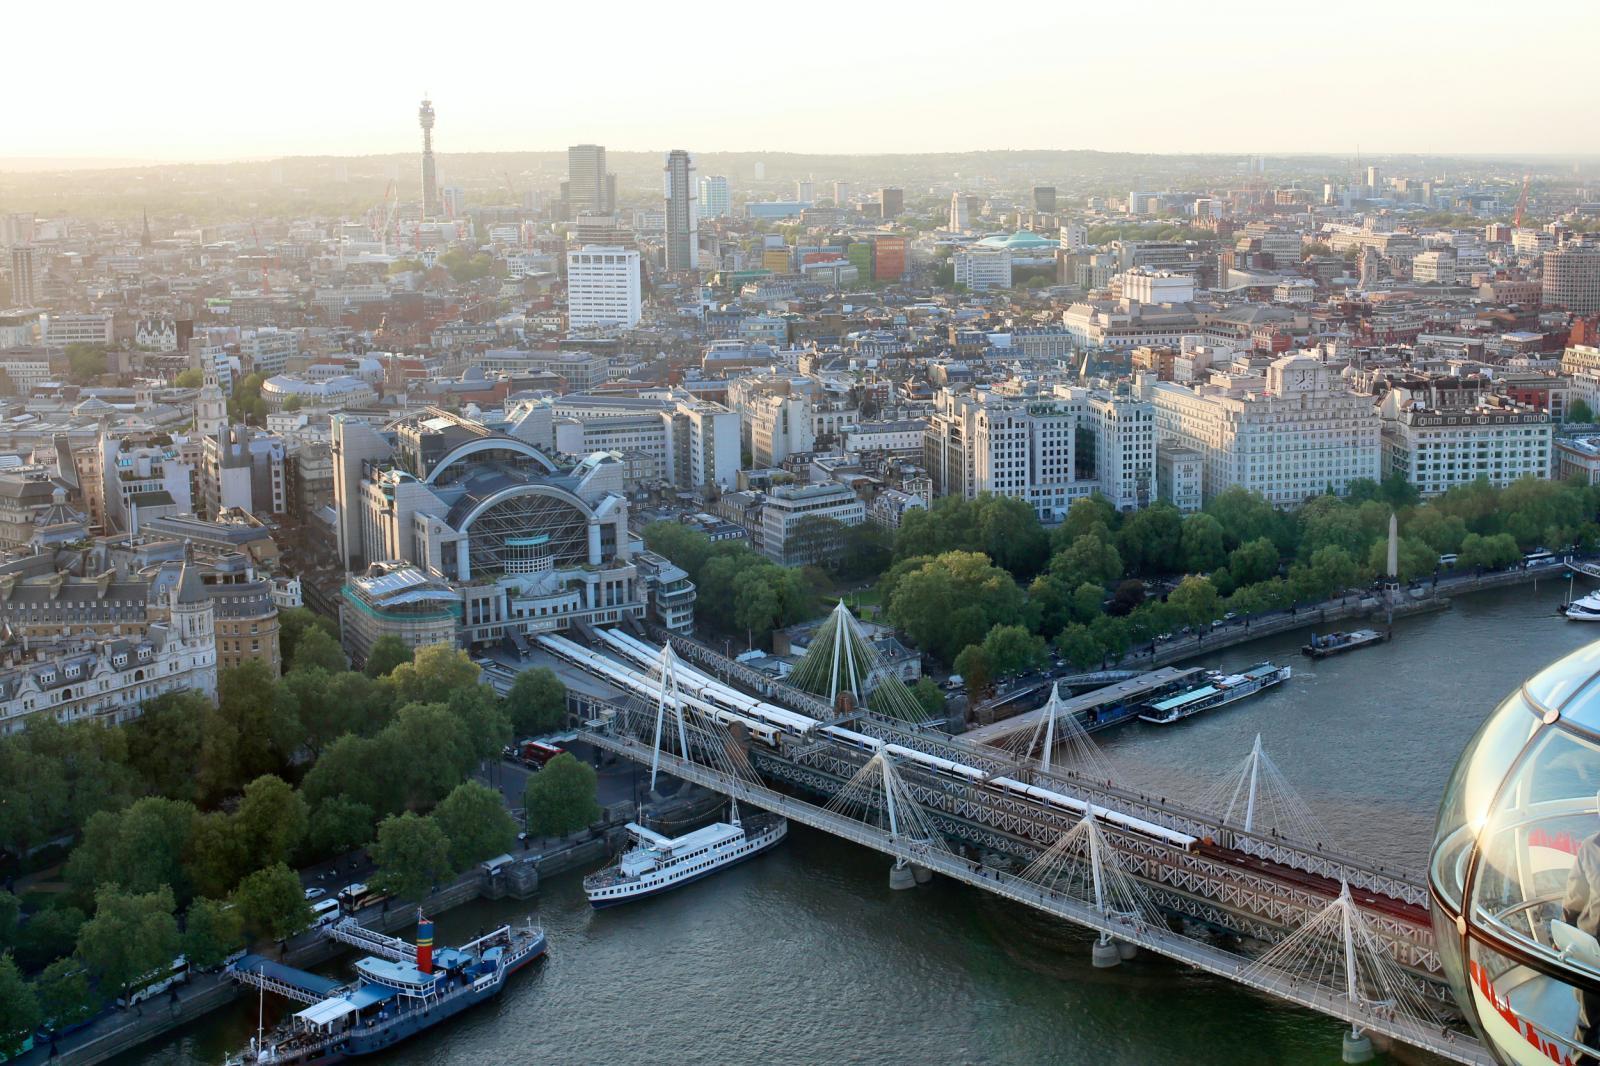 Wundervolle Aussicht vonmRiesenrad London Eye.